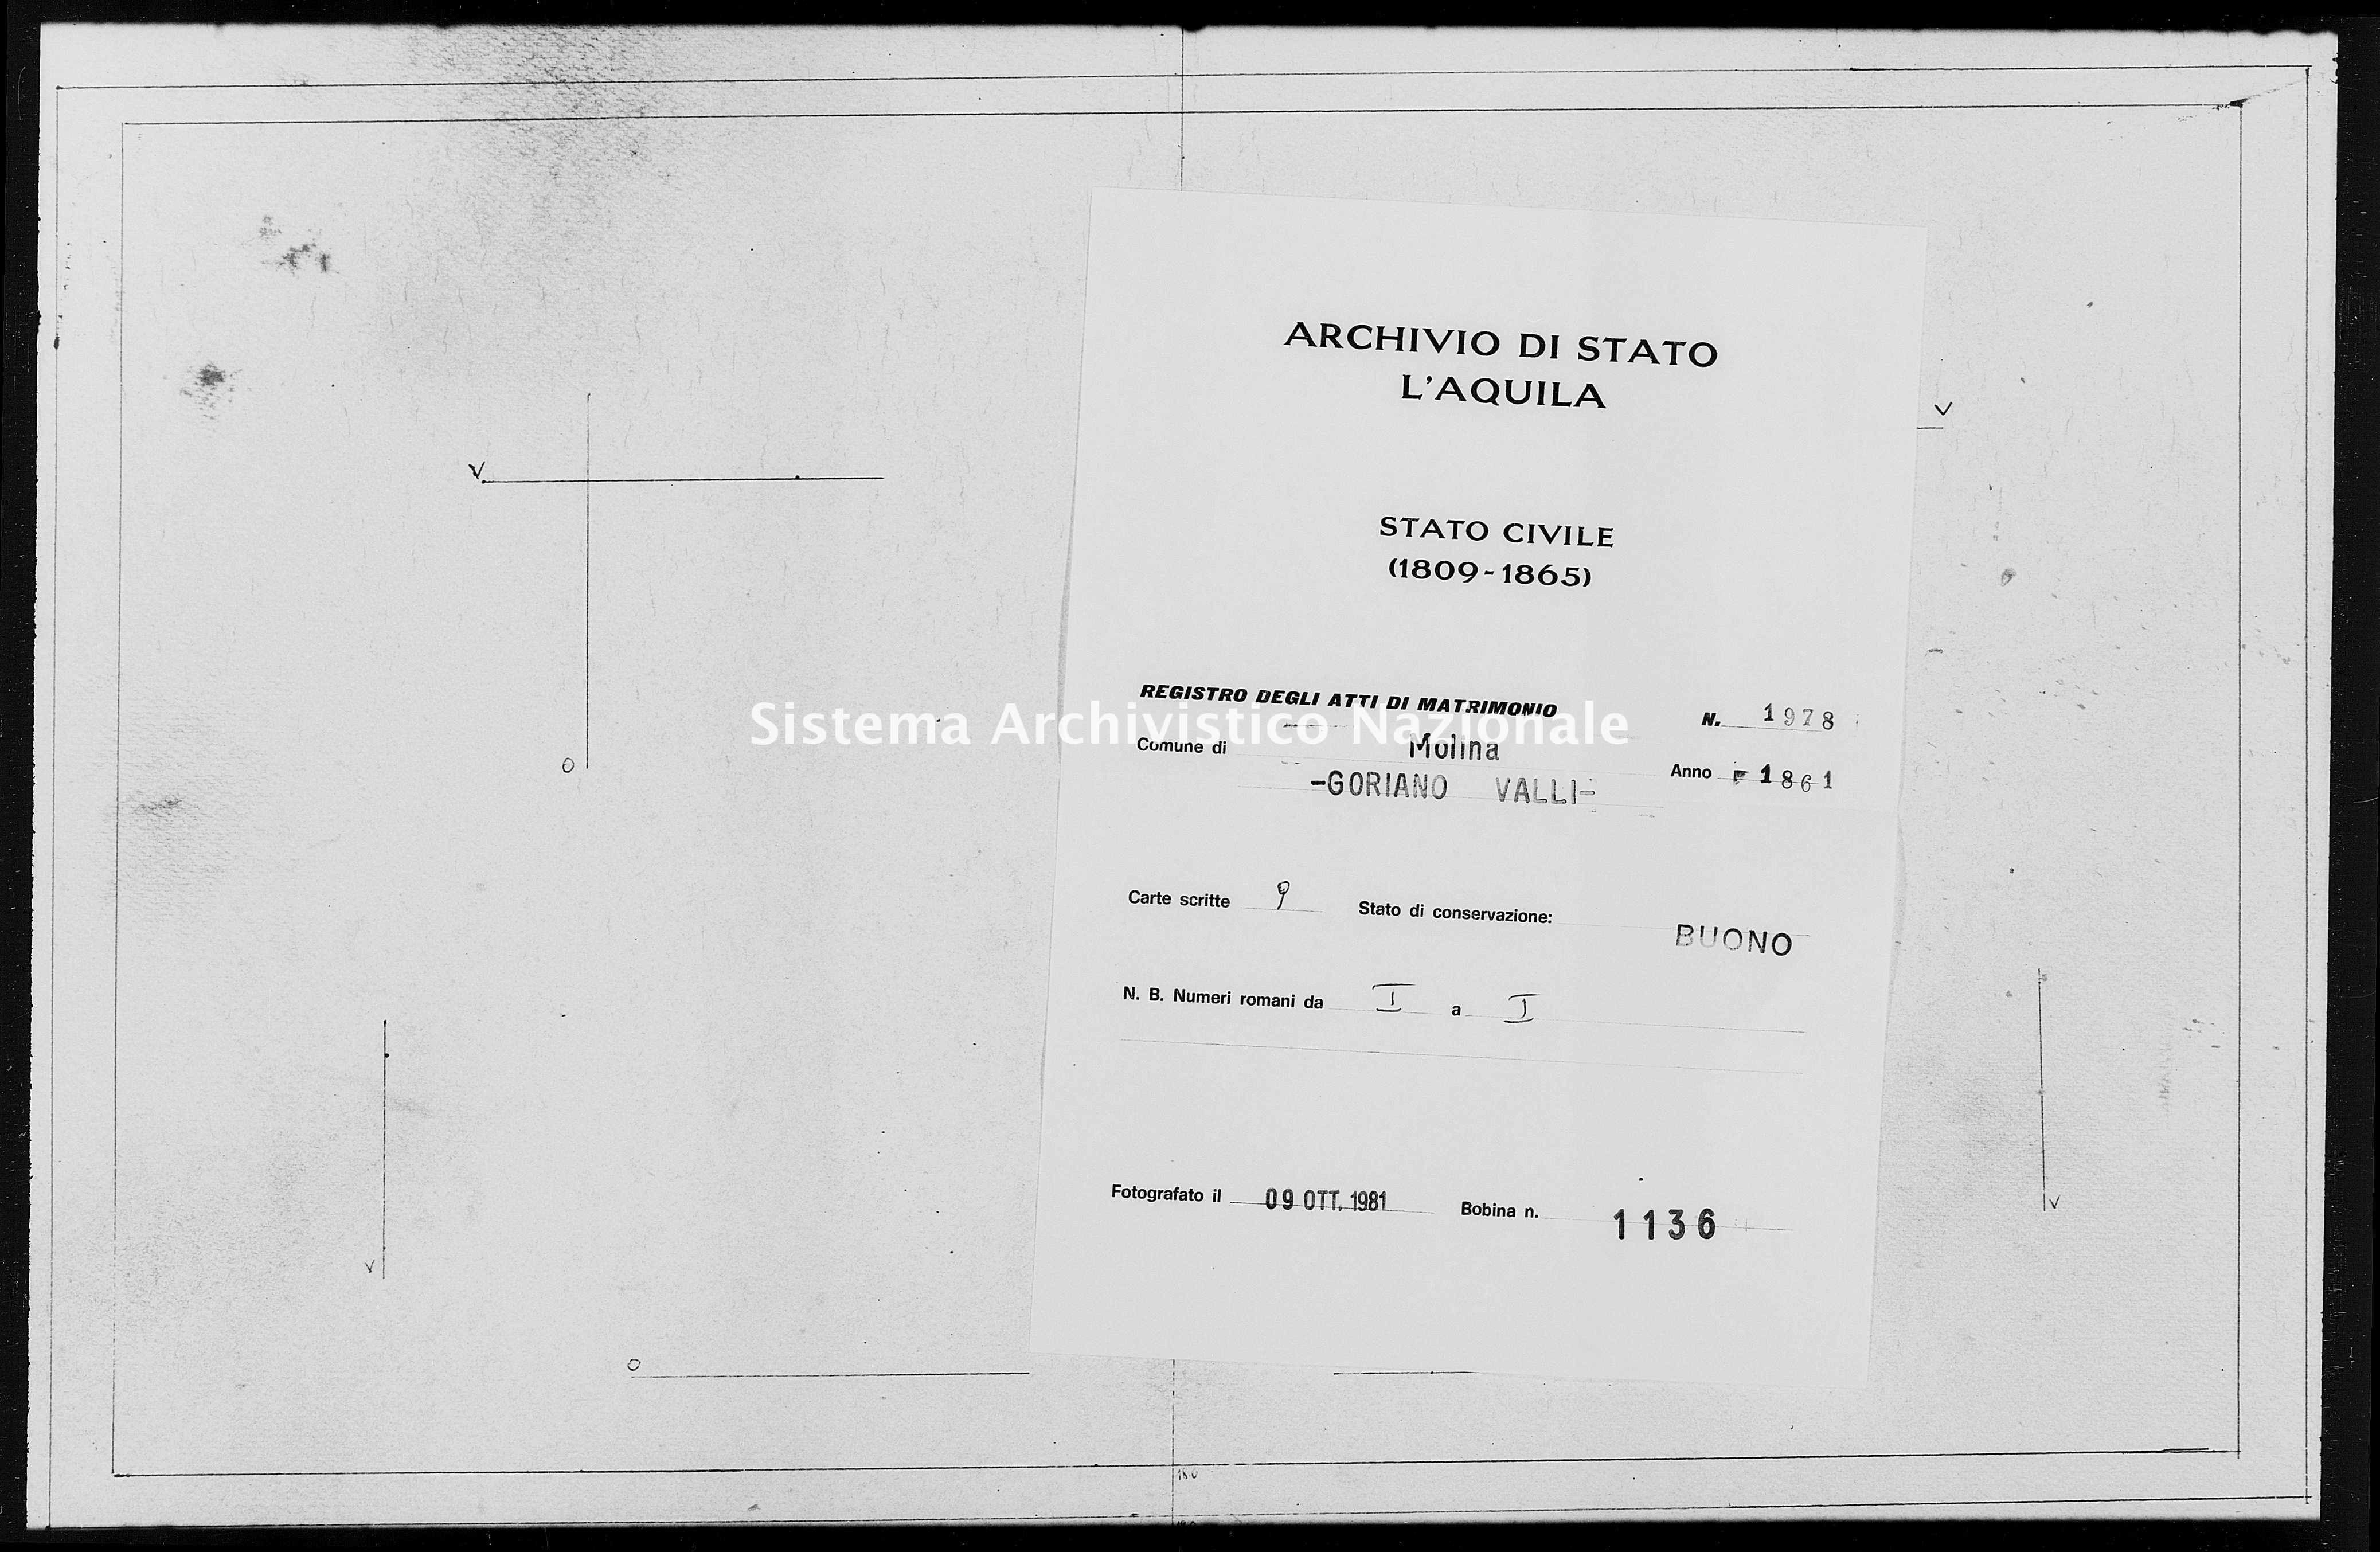 Archivio di stato di L'aquila - Stato civile italiano - Molina Aterno - Matrimoni - 1861 - 1978 -